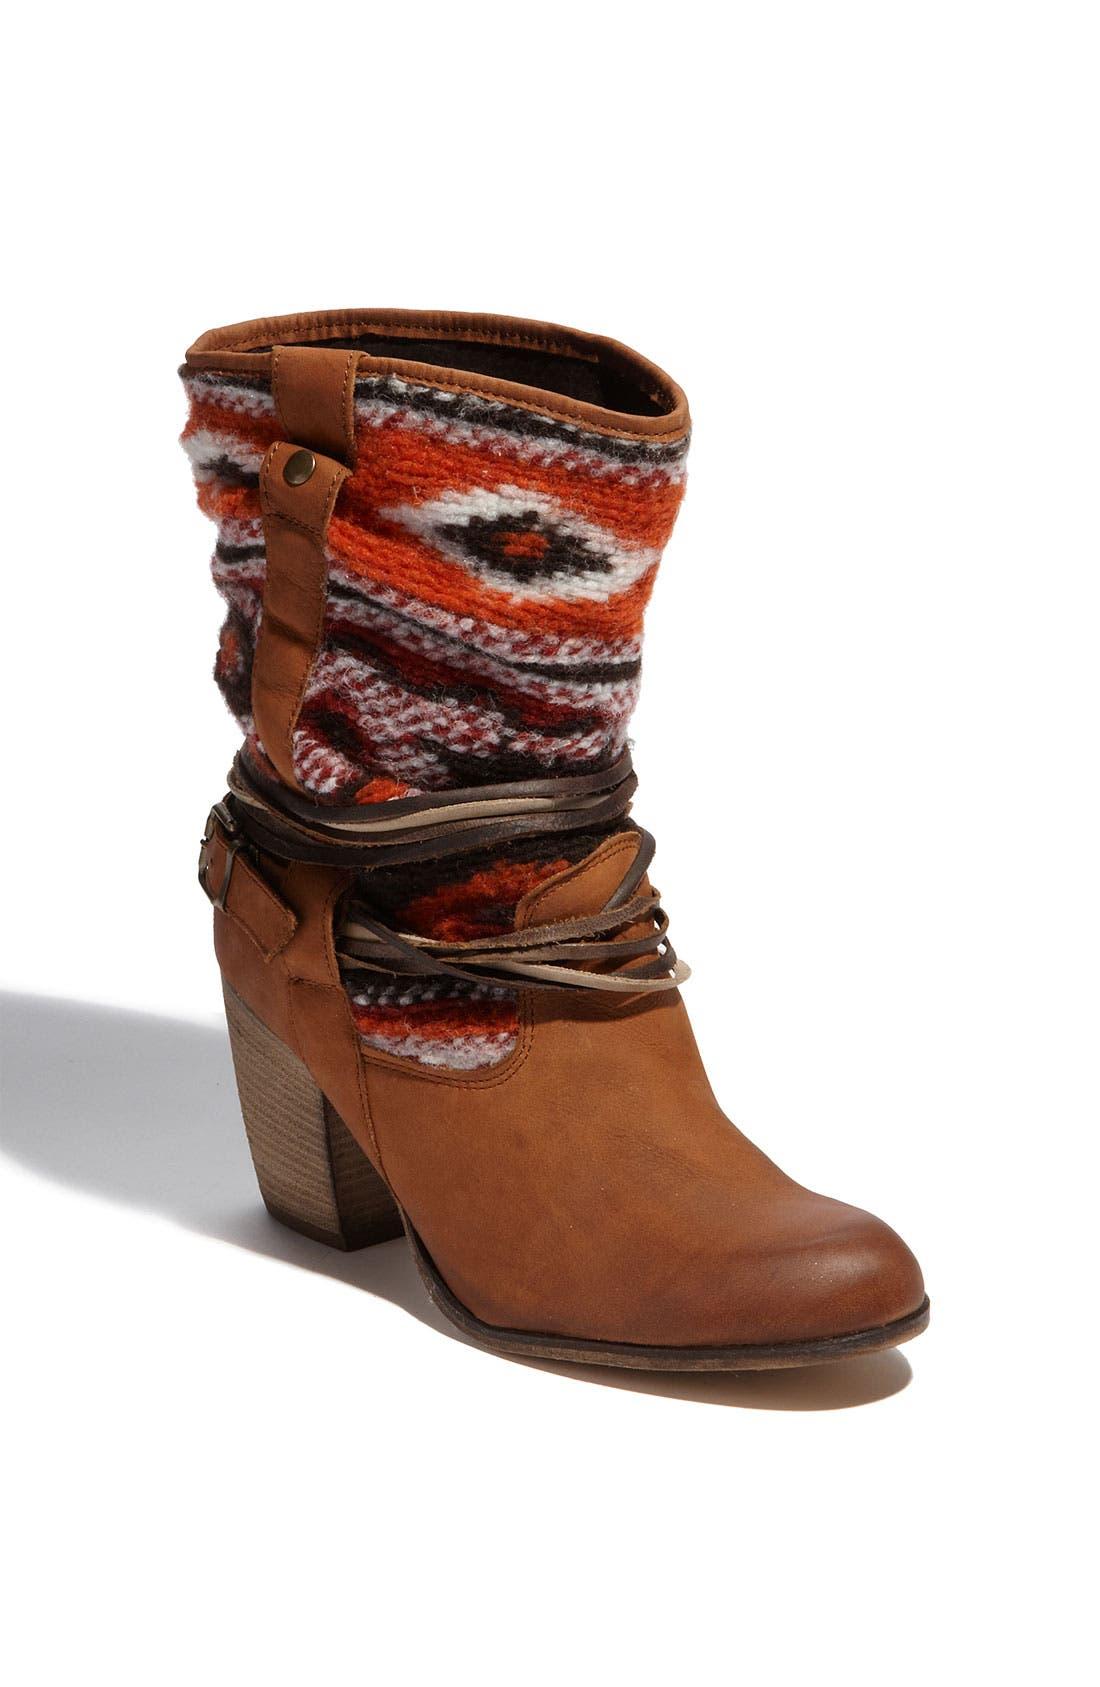 Alternate Image 1 Selected - Steve Madden 'Tolteca' Boot